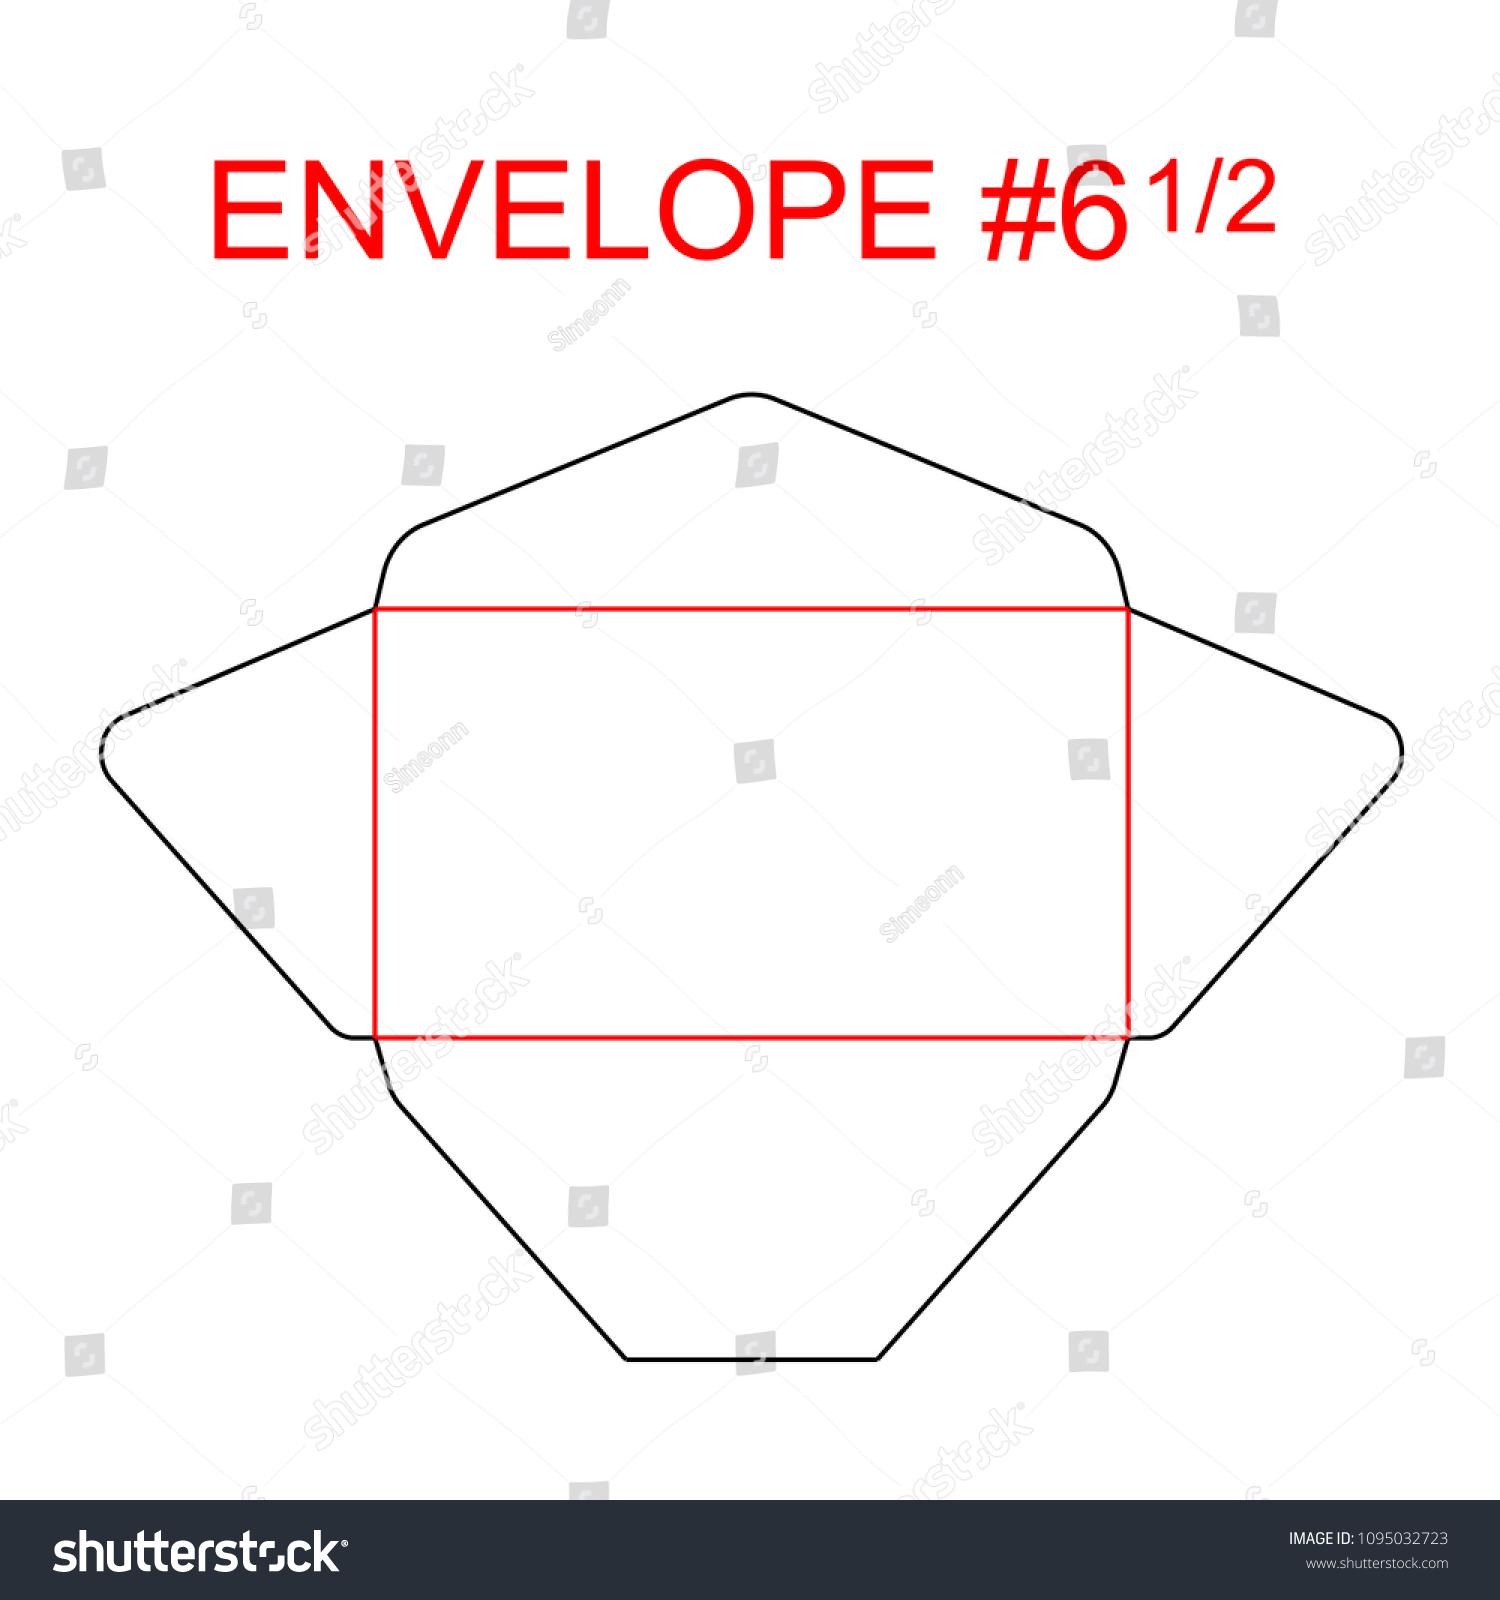 Envelope 6 12 Die Cut Template Stock Vector (Royalty Free ...